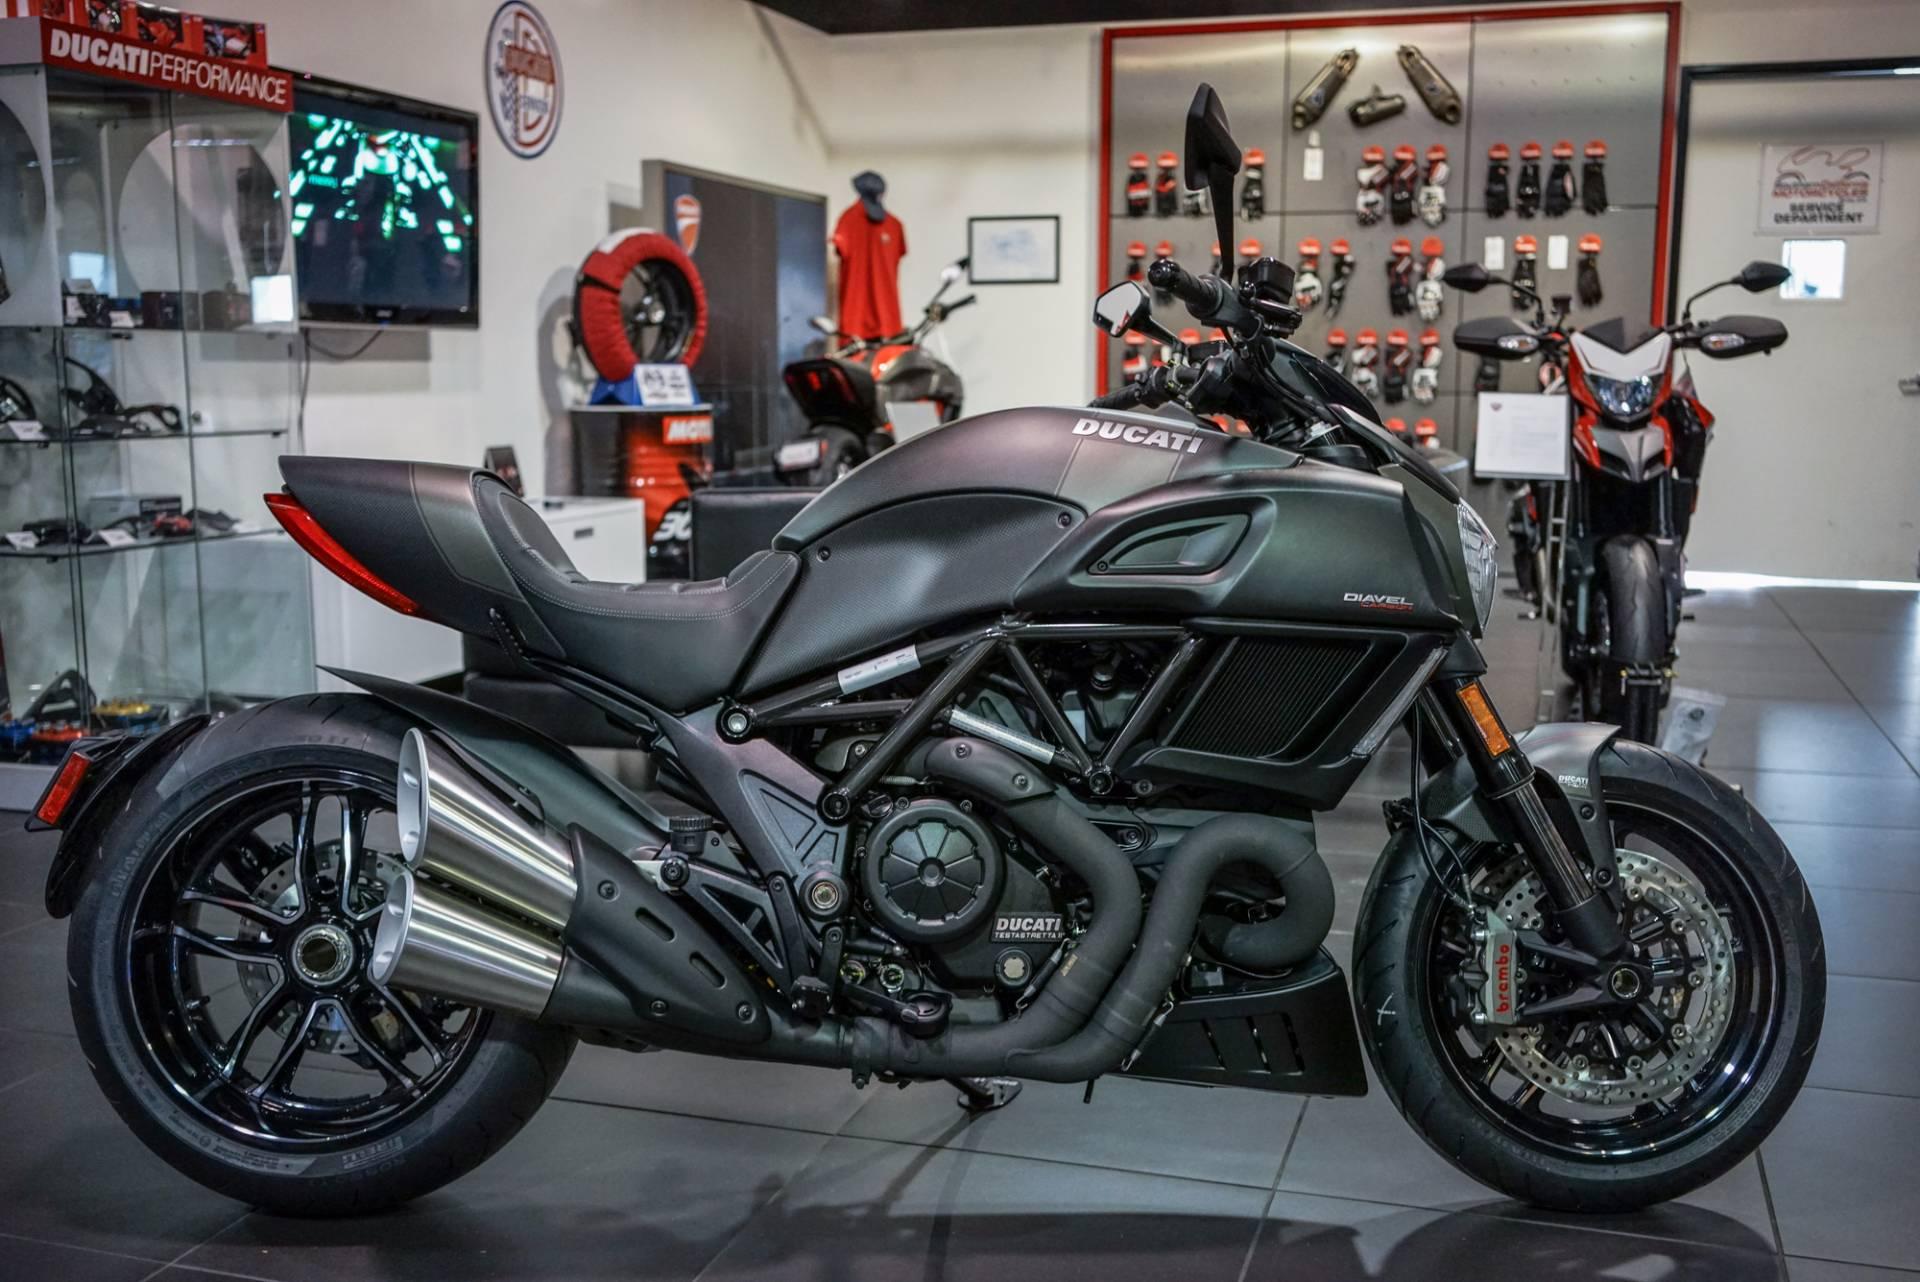 Pre Owned Ducati Diavel